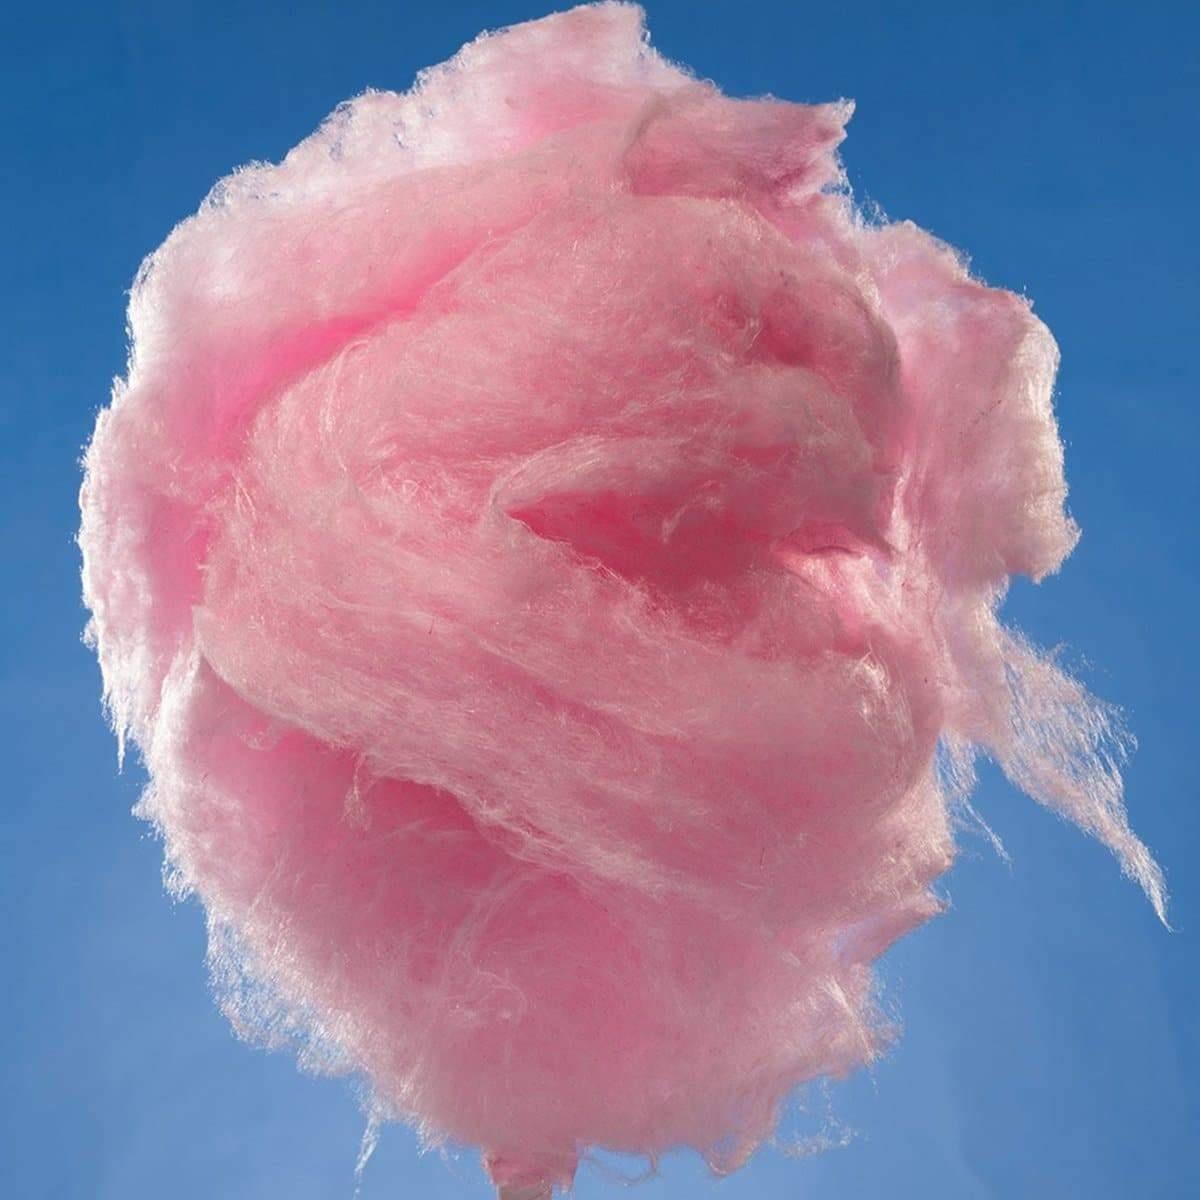 Candy Floss Wax Melts